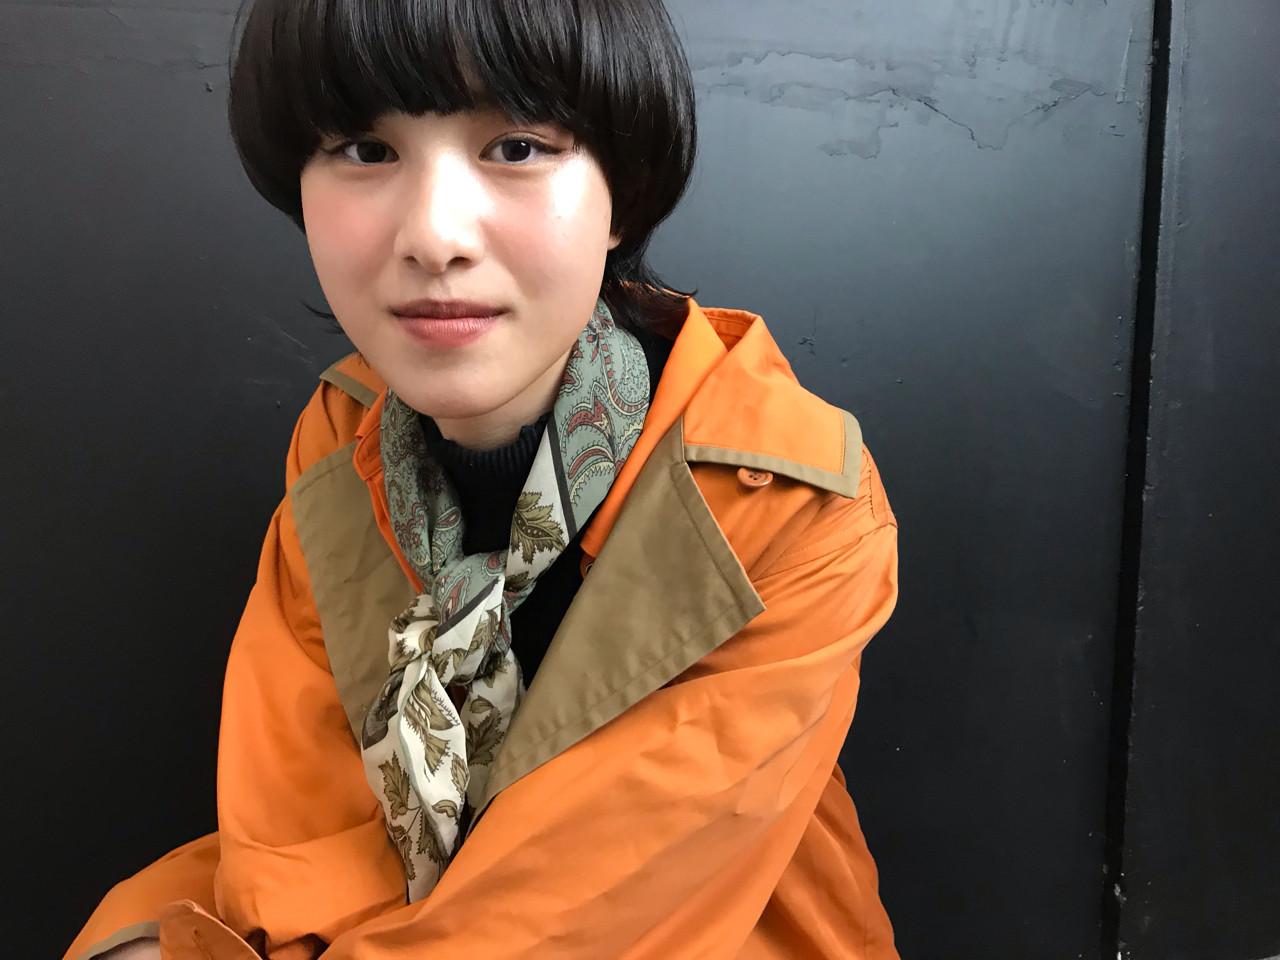 マッシュ 色気 ウルフカット ストリート ヘアスタイルや髪型の写真・画像 | natsuki / seek